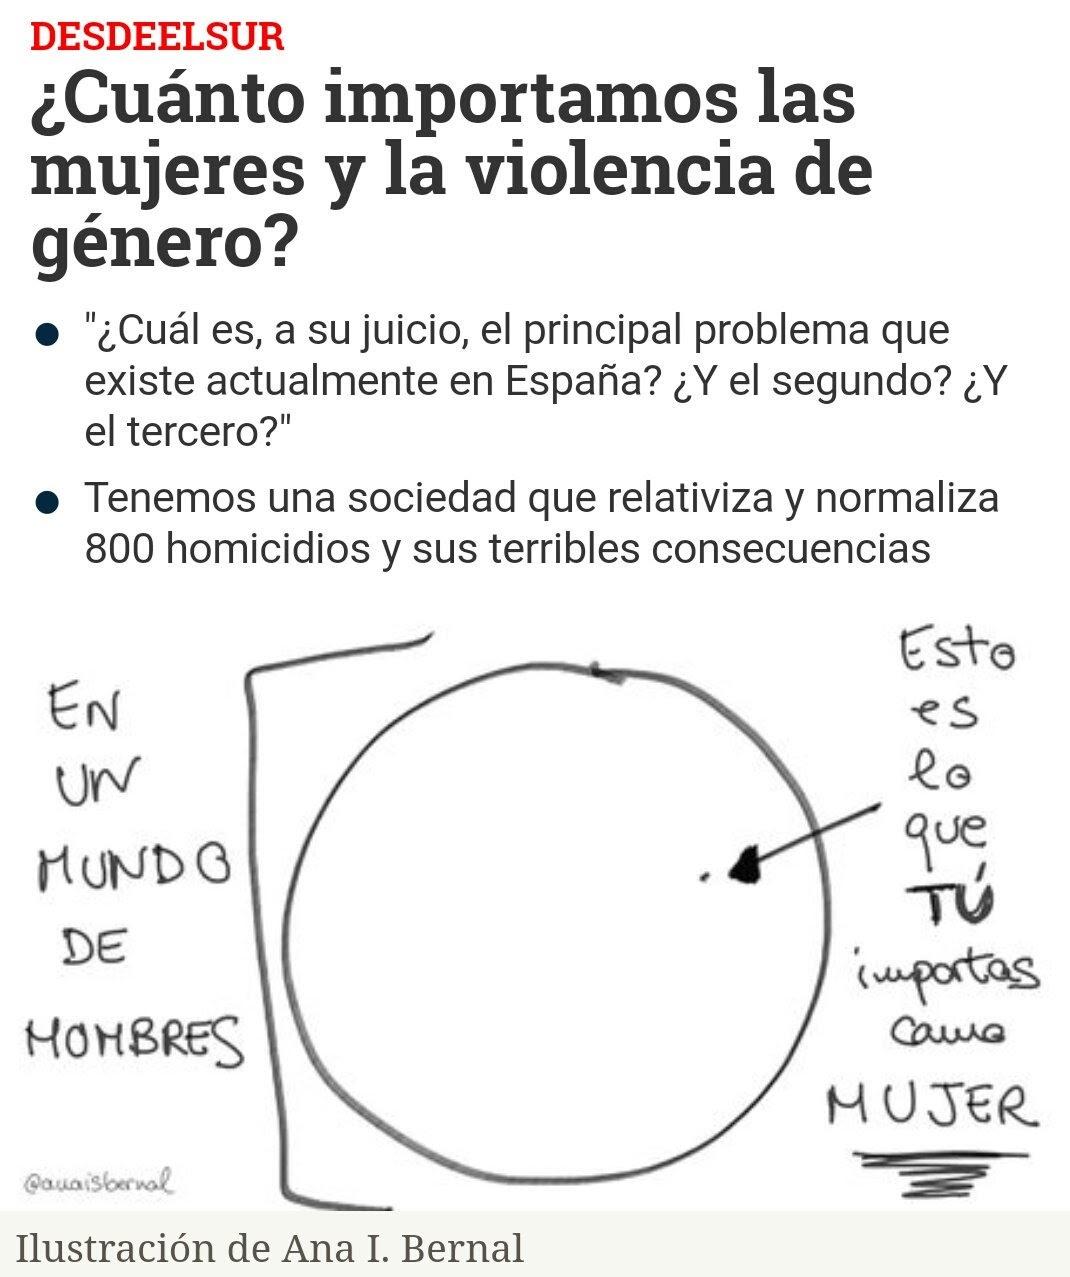 CUANTO IMPORTAMOS LAS MUJERES Y LA VIOLENCIA DE GÉNERO EN ESPAÑA